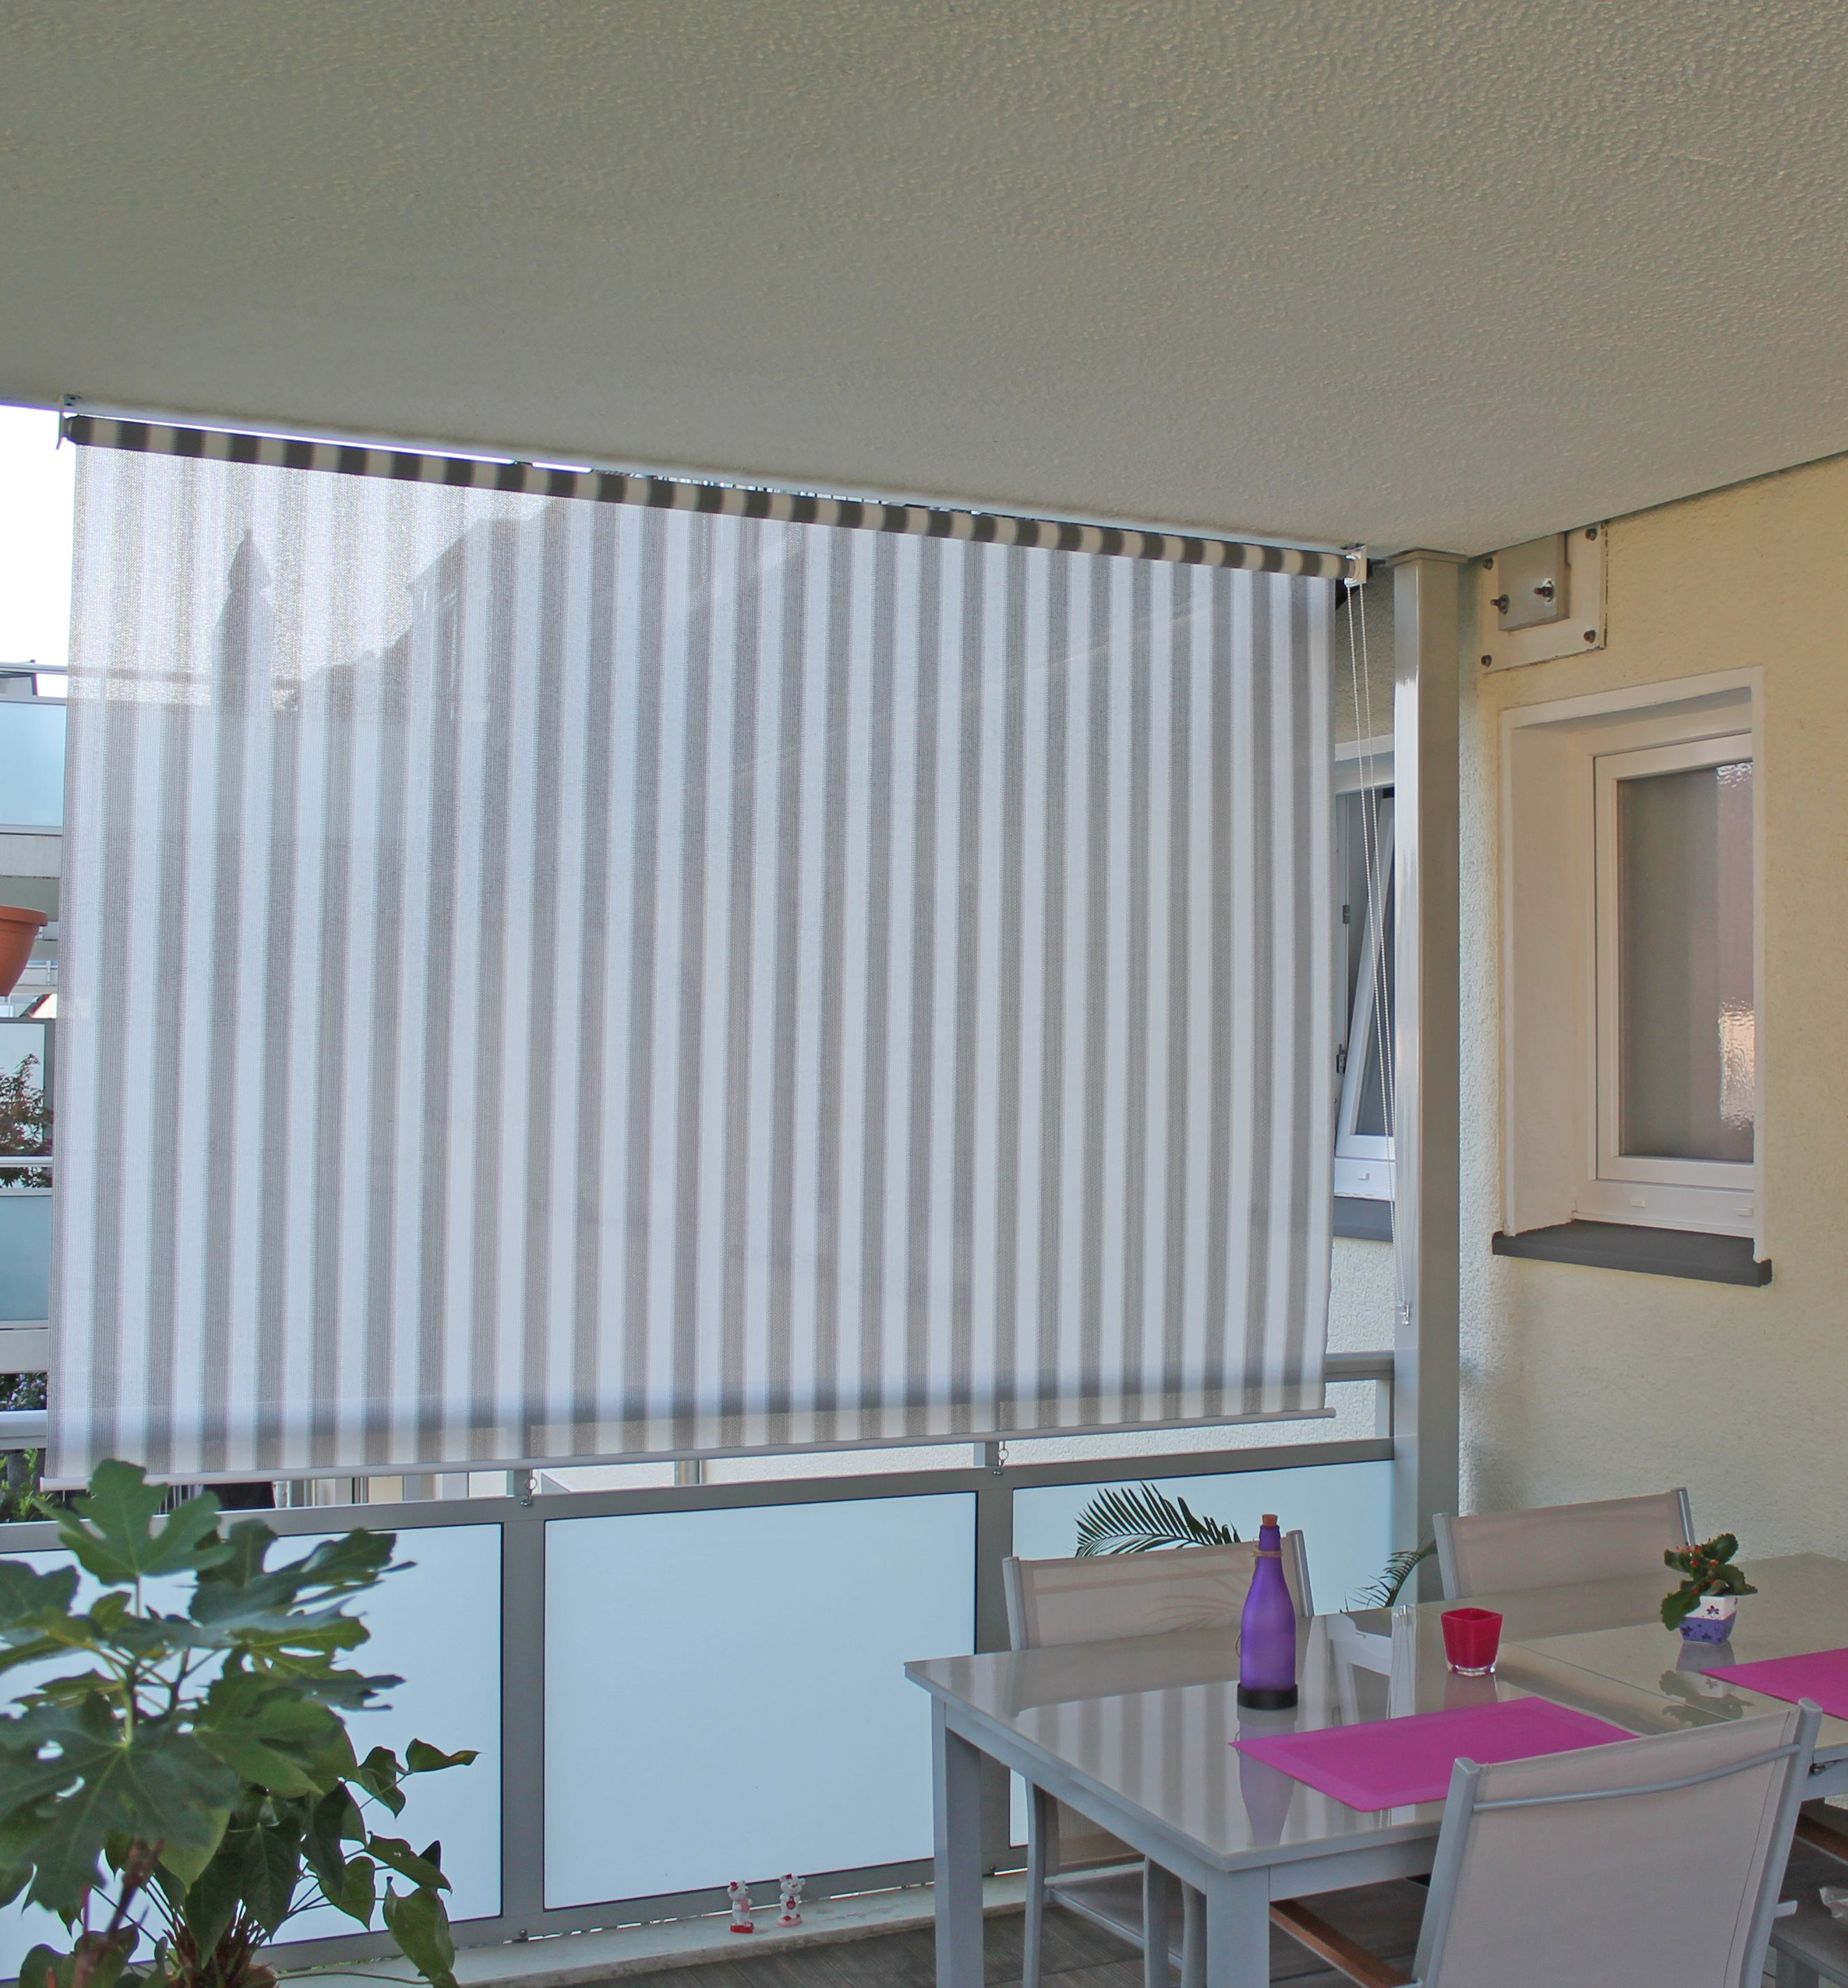 markise #balkon #dekoration Schöner Wohnen mit unseren Markisen ...